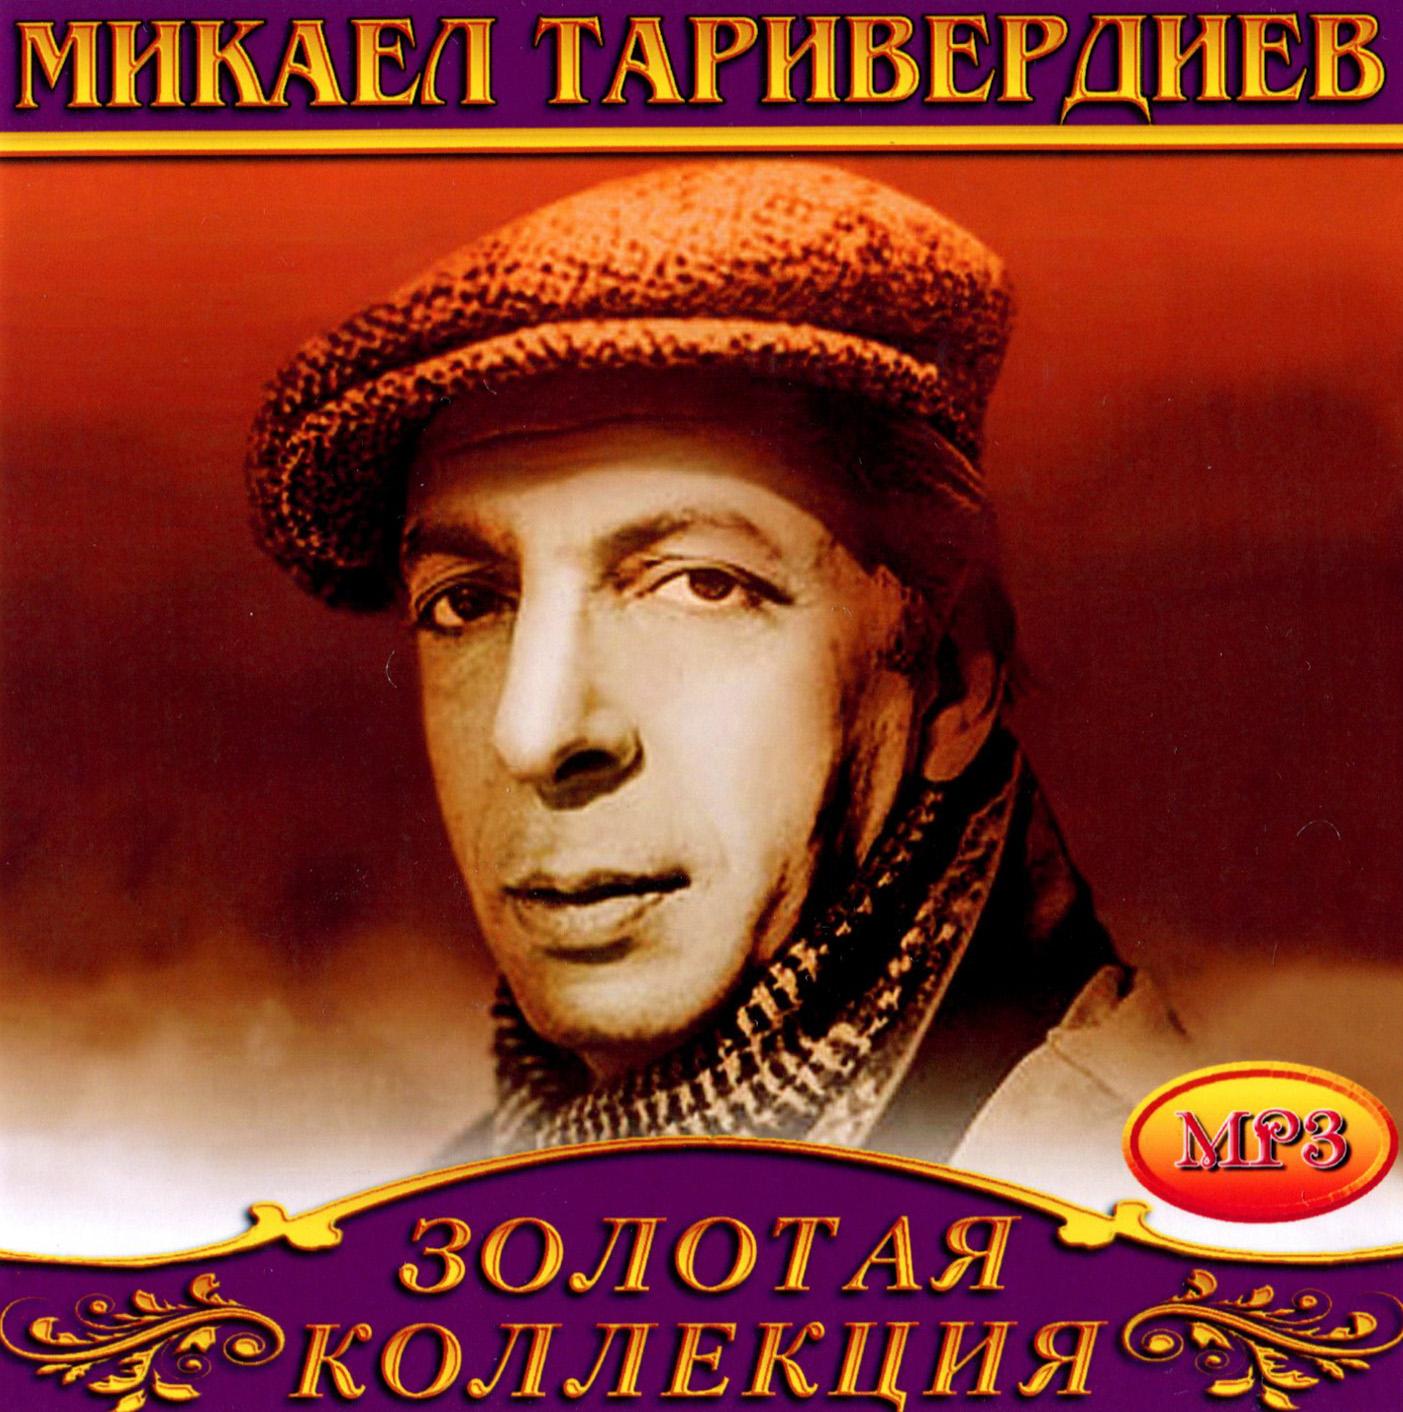 Микаэл Таривердиев [mp3]